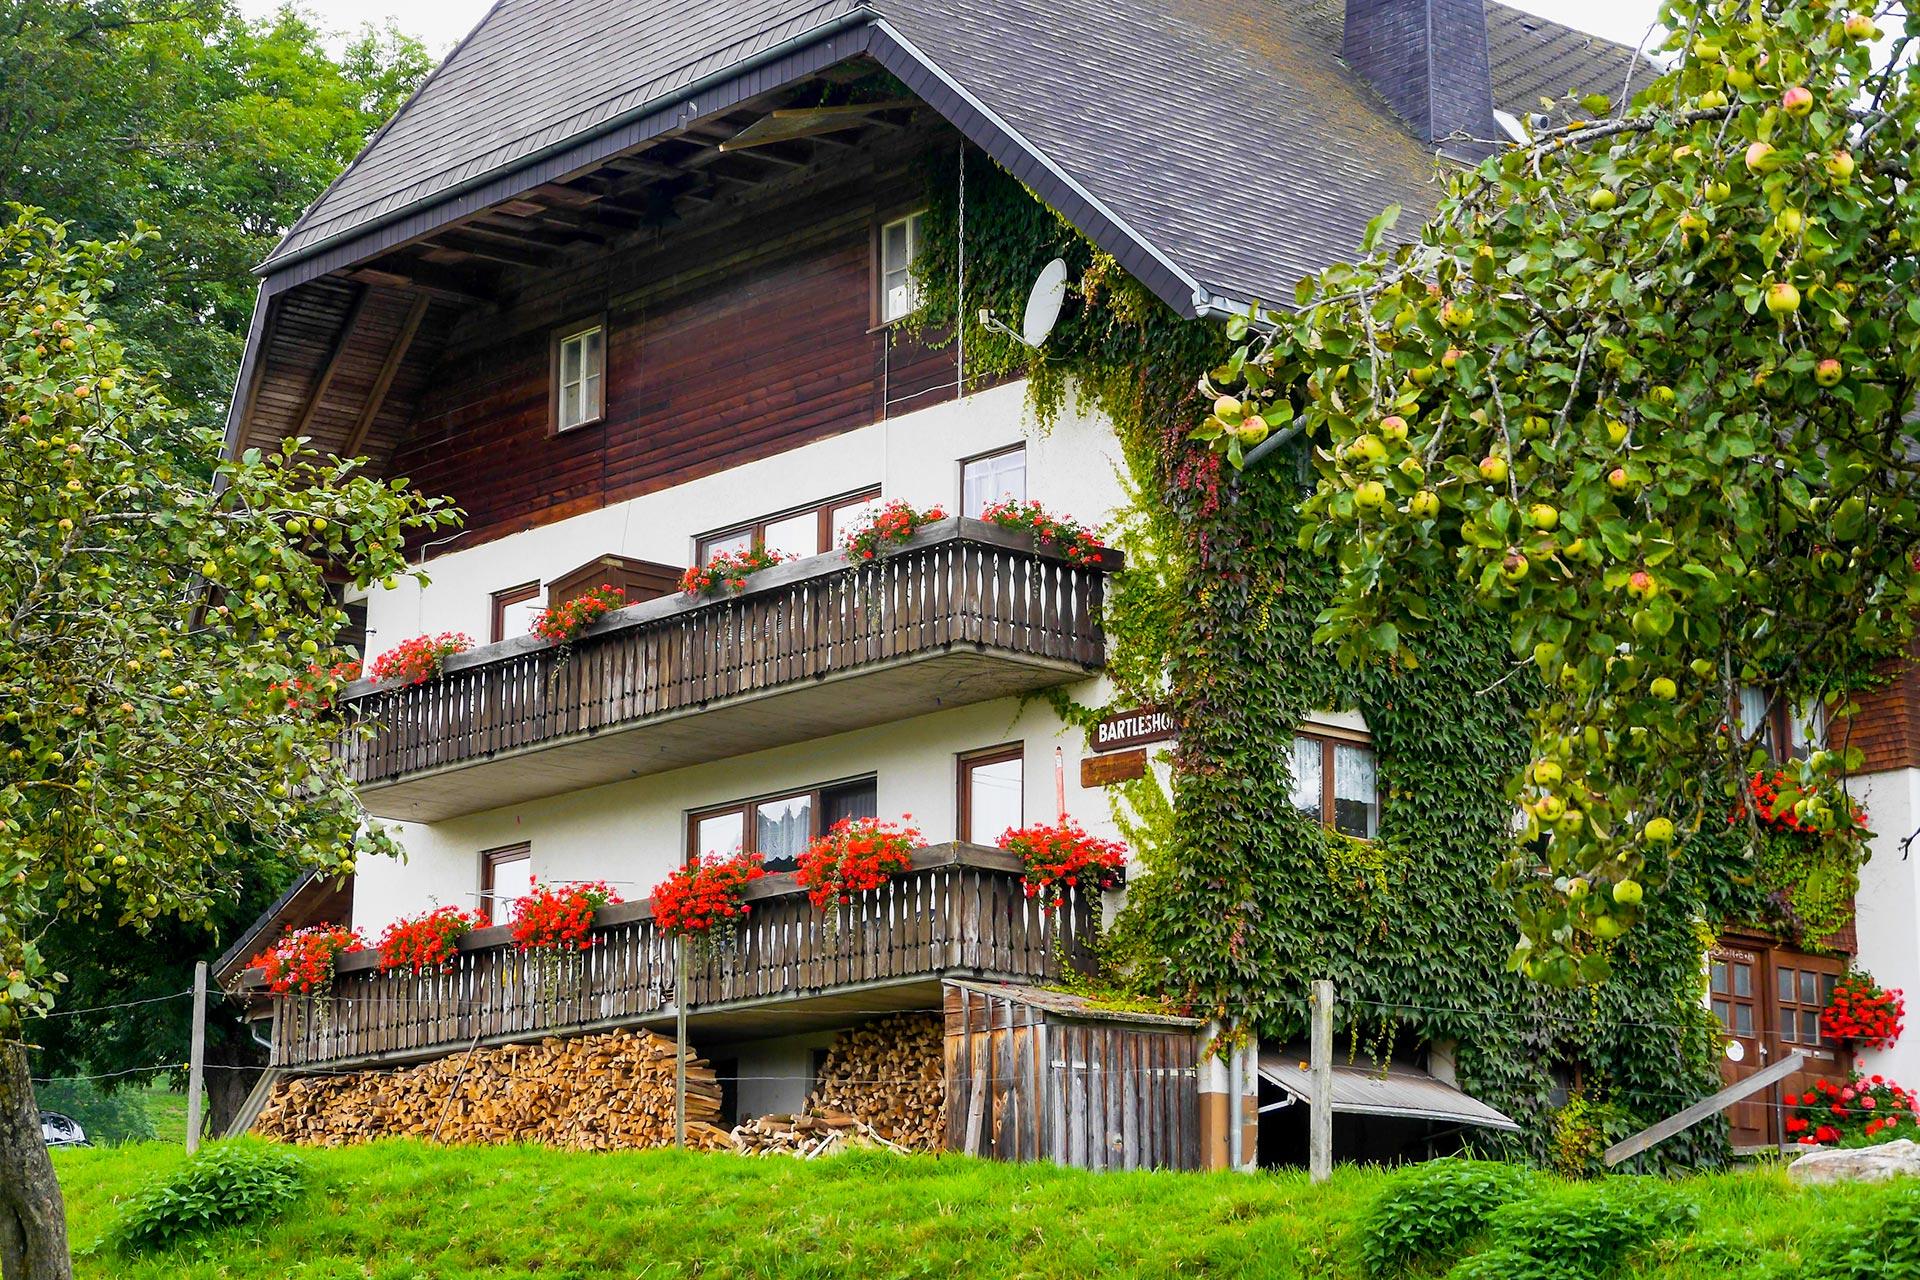 Bartleshof, (Breitnau). Ferienwohnung, 80qm, 2 Sch Ferienwohnung